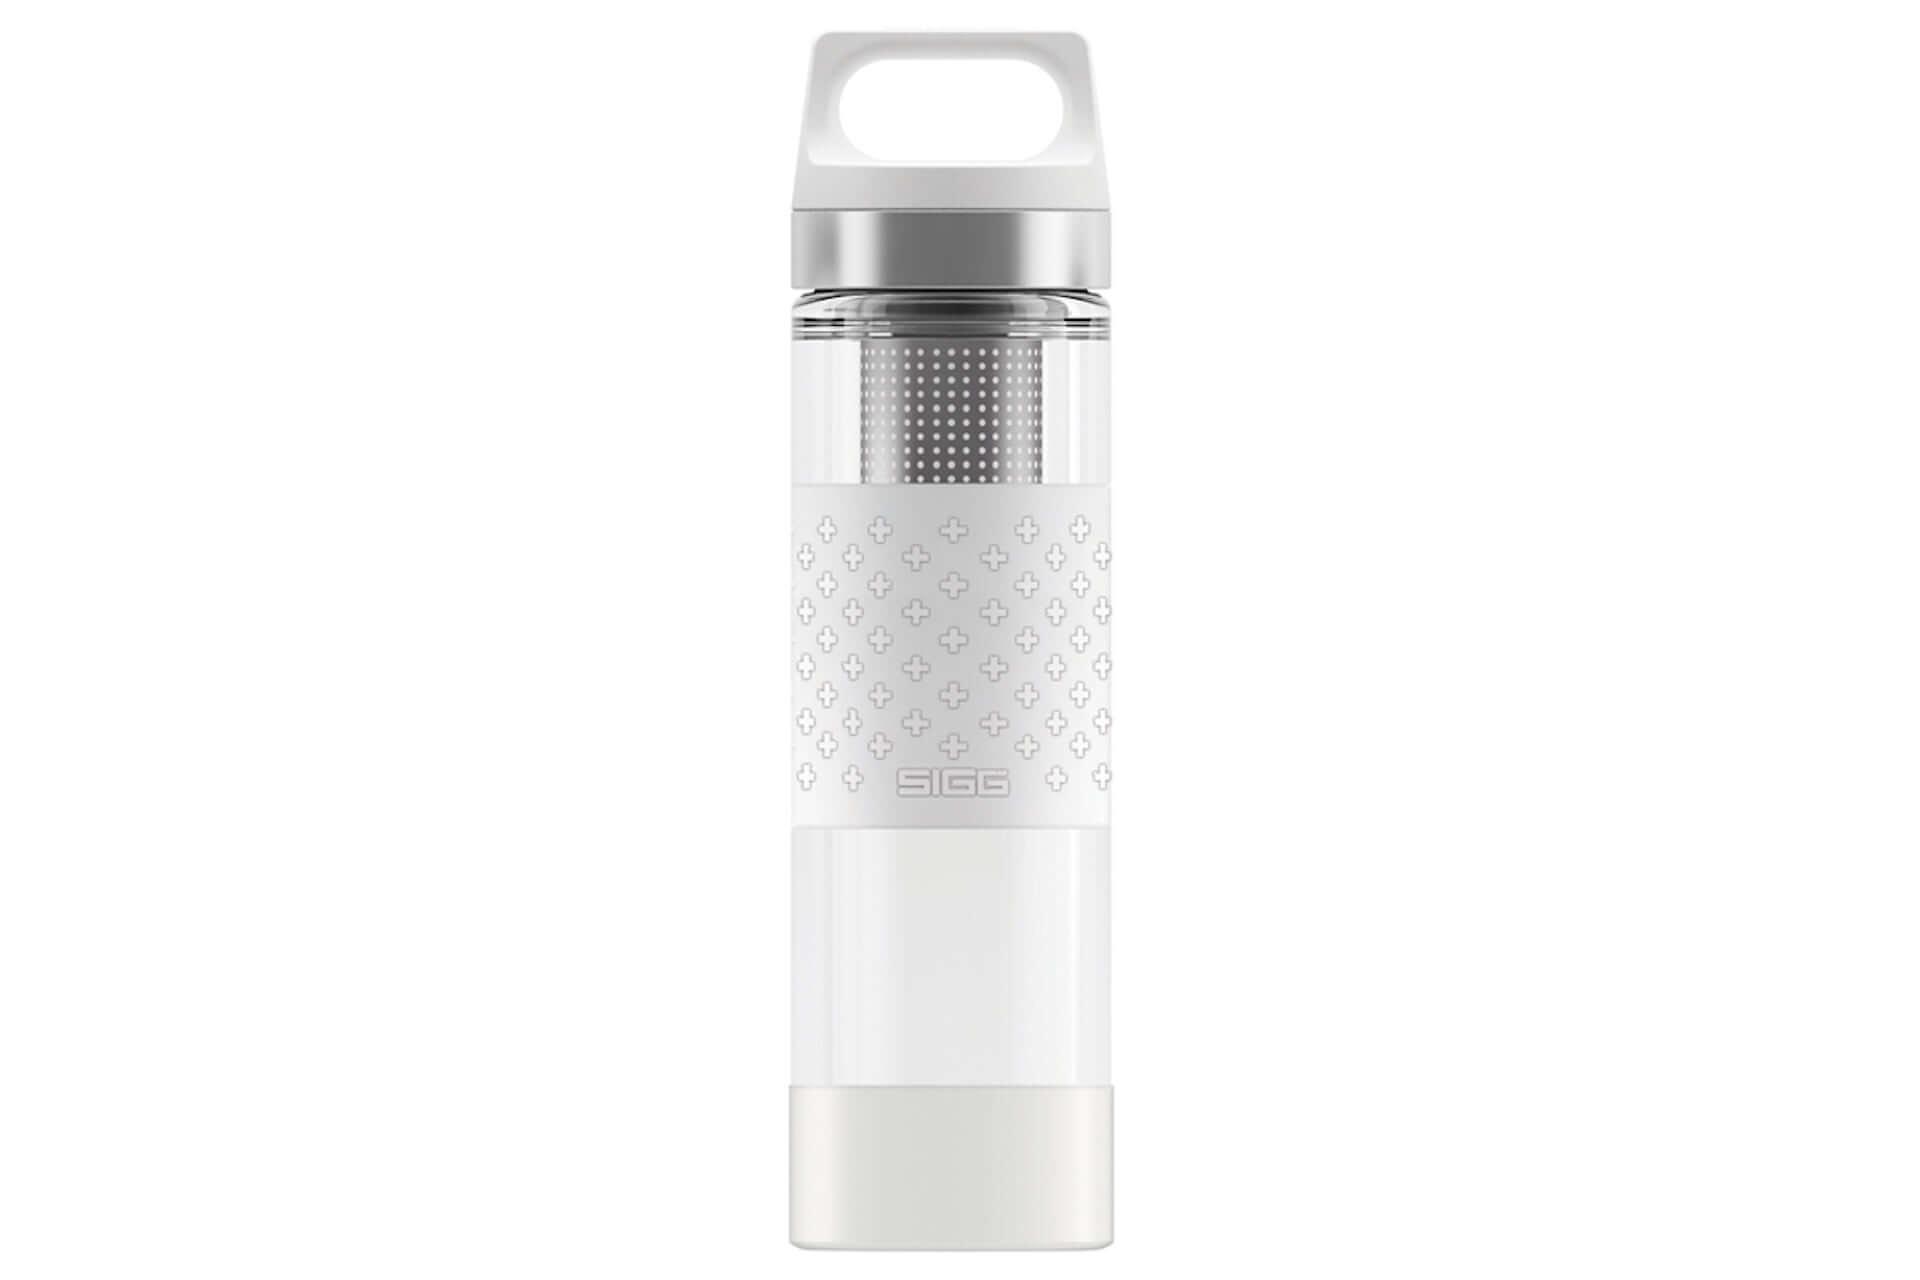 【2019年・最新おすすめ水筒15選】スリムから大容量まで、機能とデザインを兼ね備えたおしゃれボトルを厳選ピックアップ! 8-1920x1280